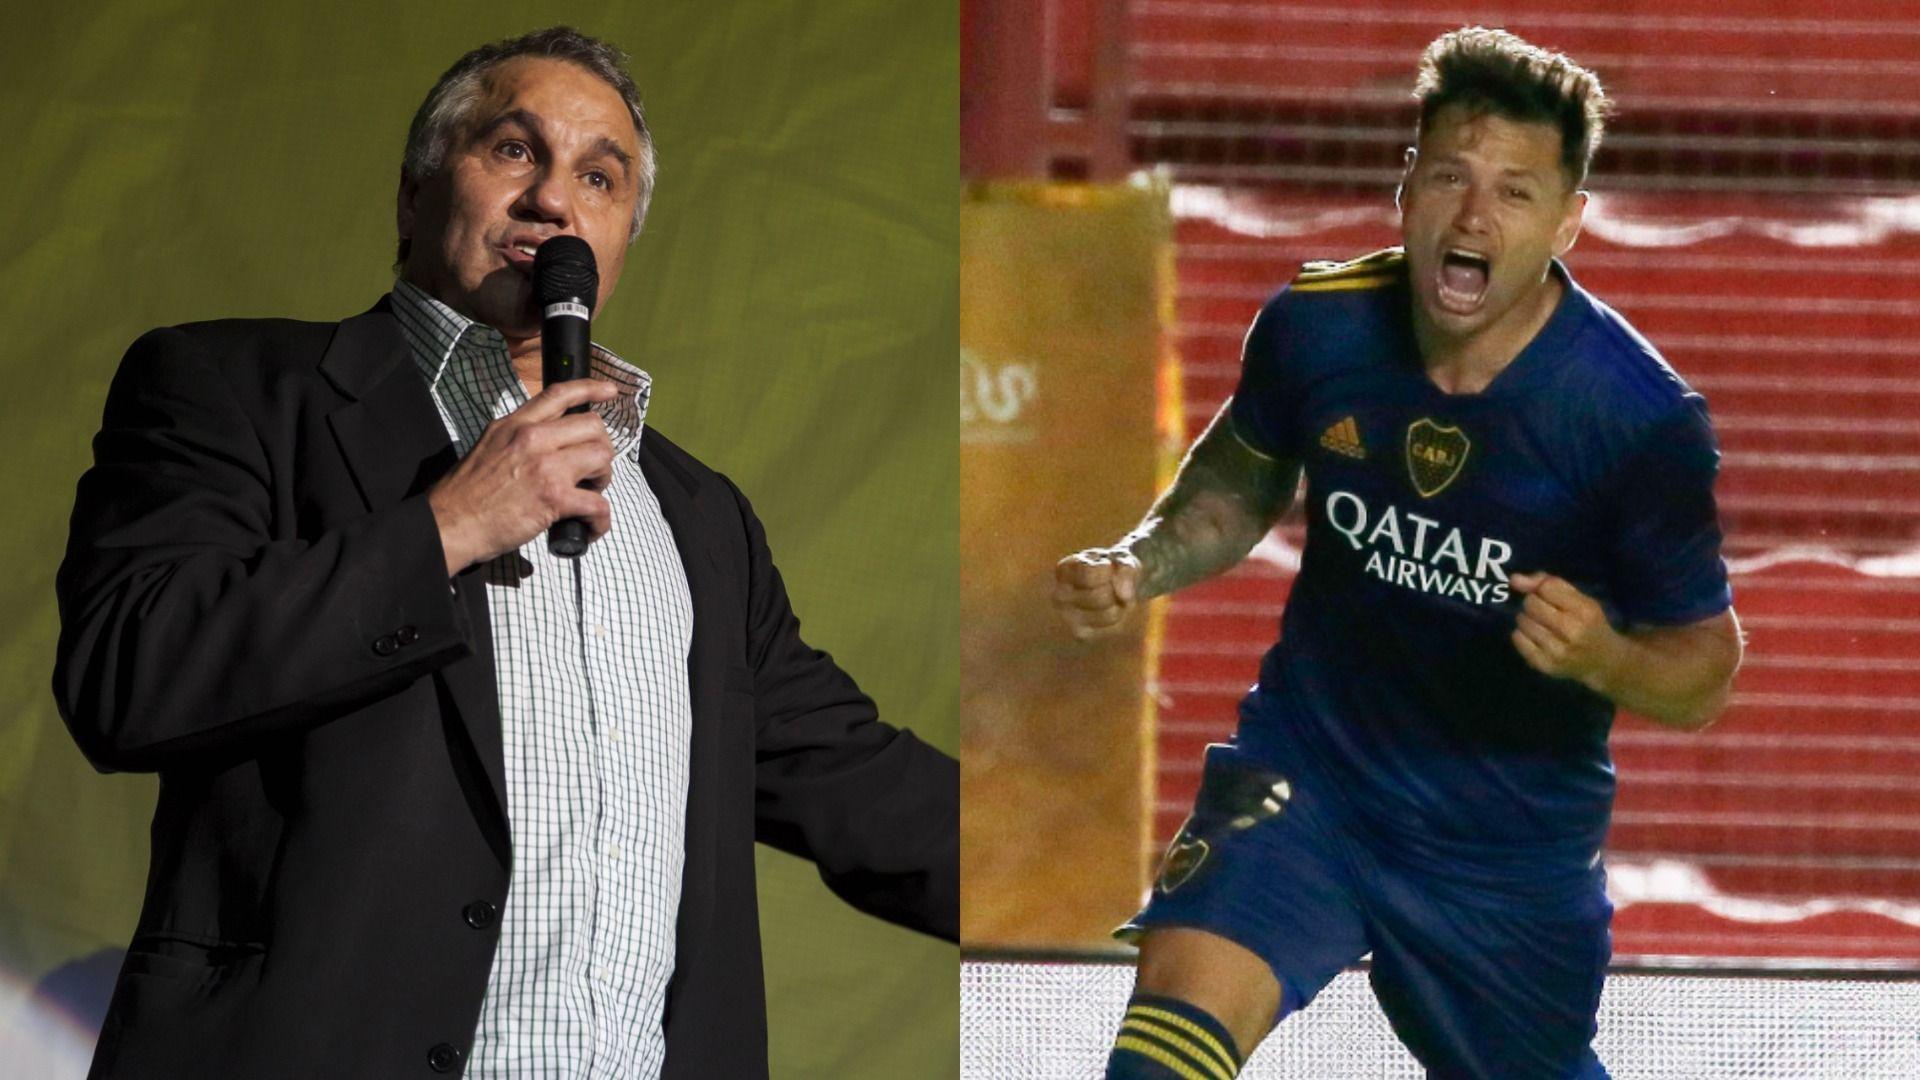 El Beto Márcico criticó duramente a Mauro Zárate por su rendimiento en Boca.